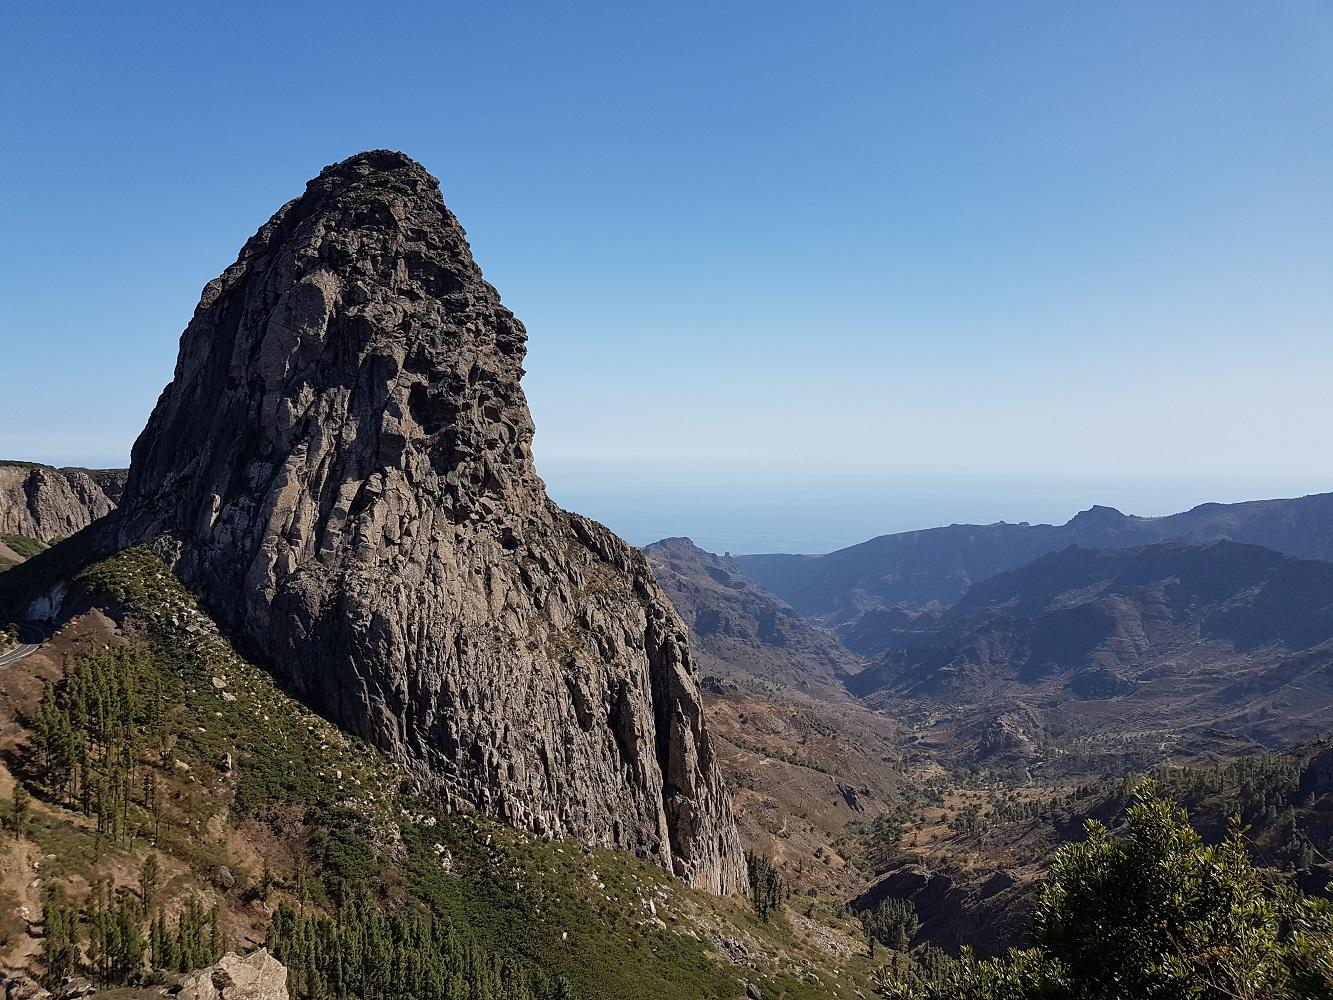 Mein Schiff Ausflugsziel: Vulkanzunge Roque de Agando auf La Gomera